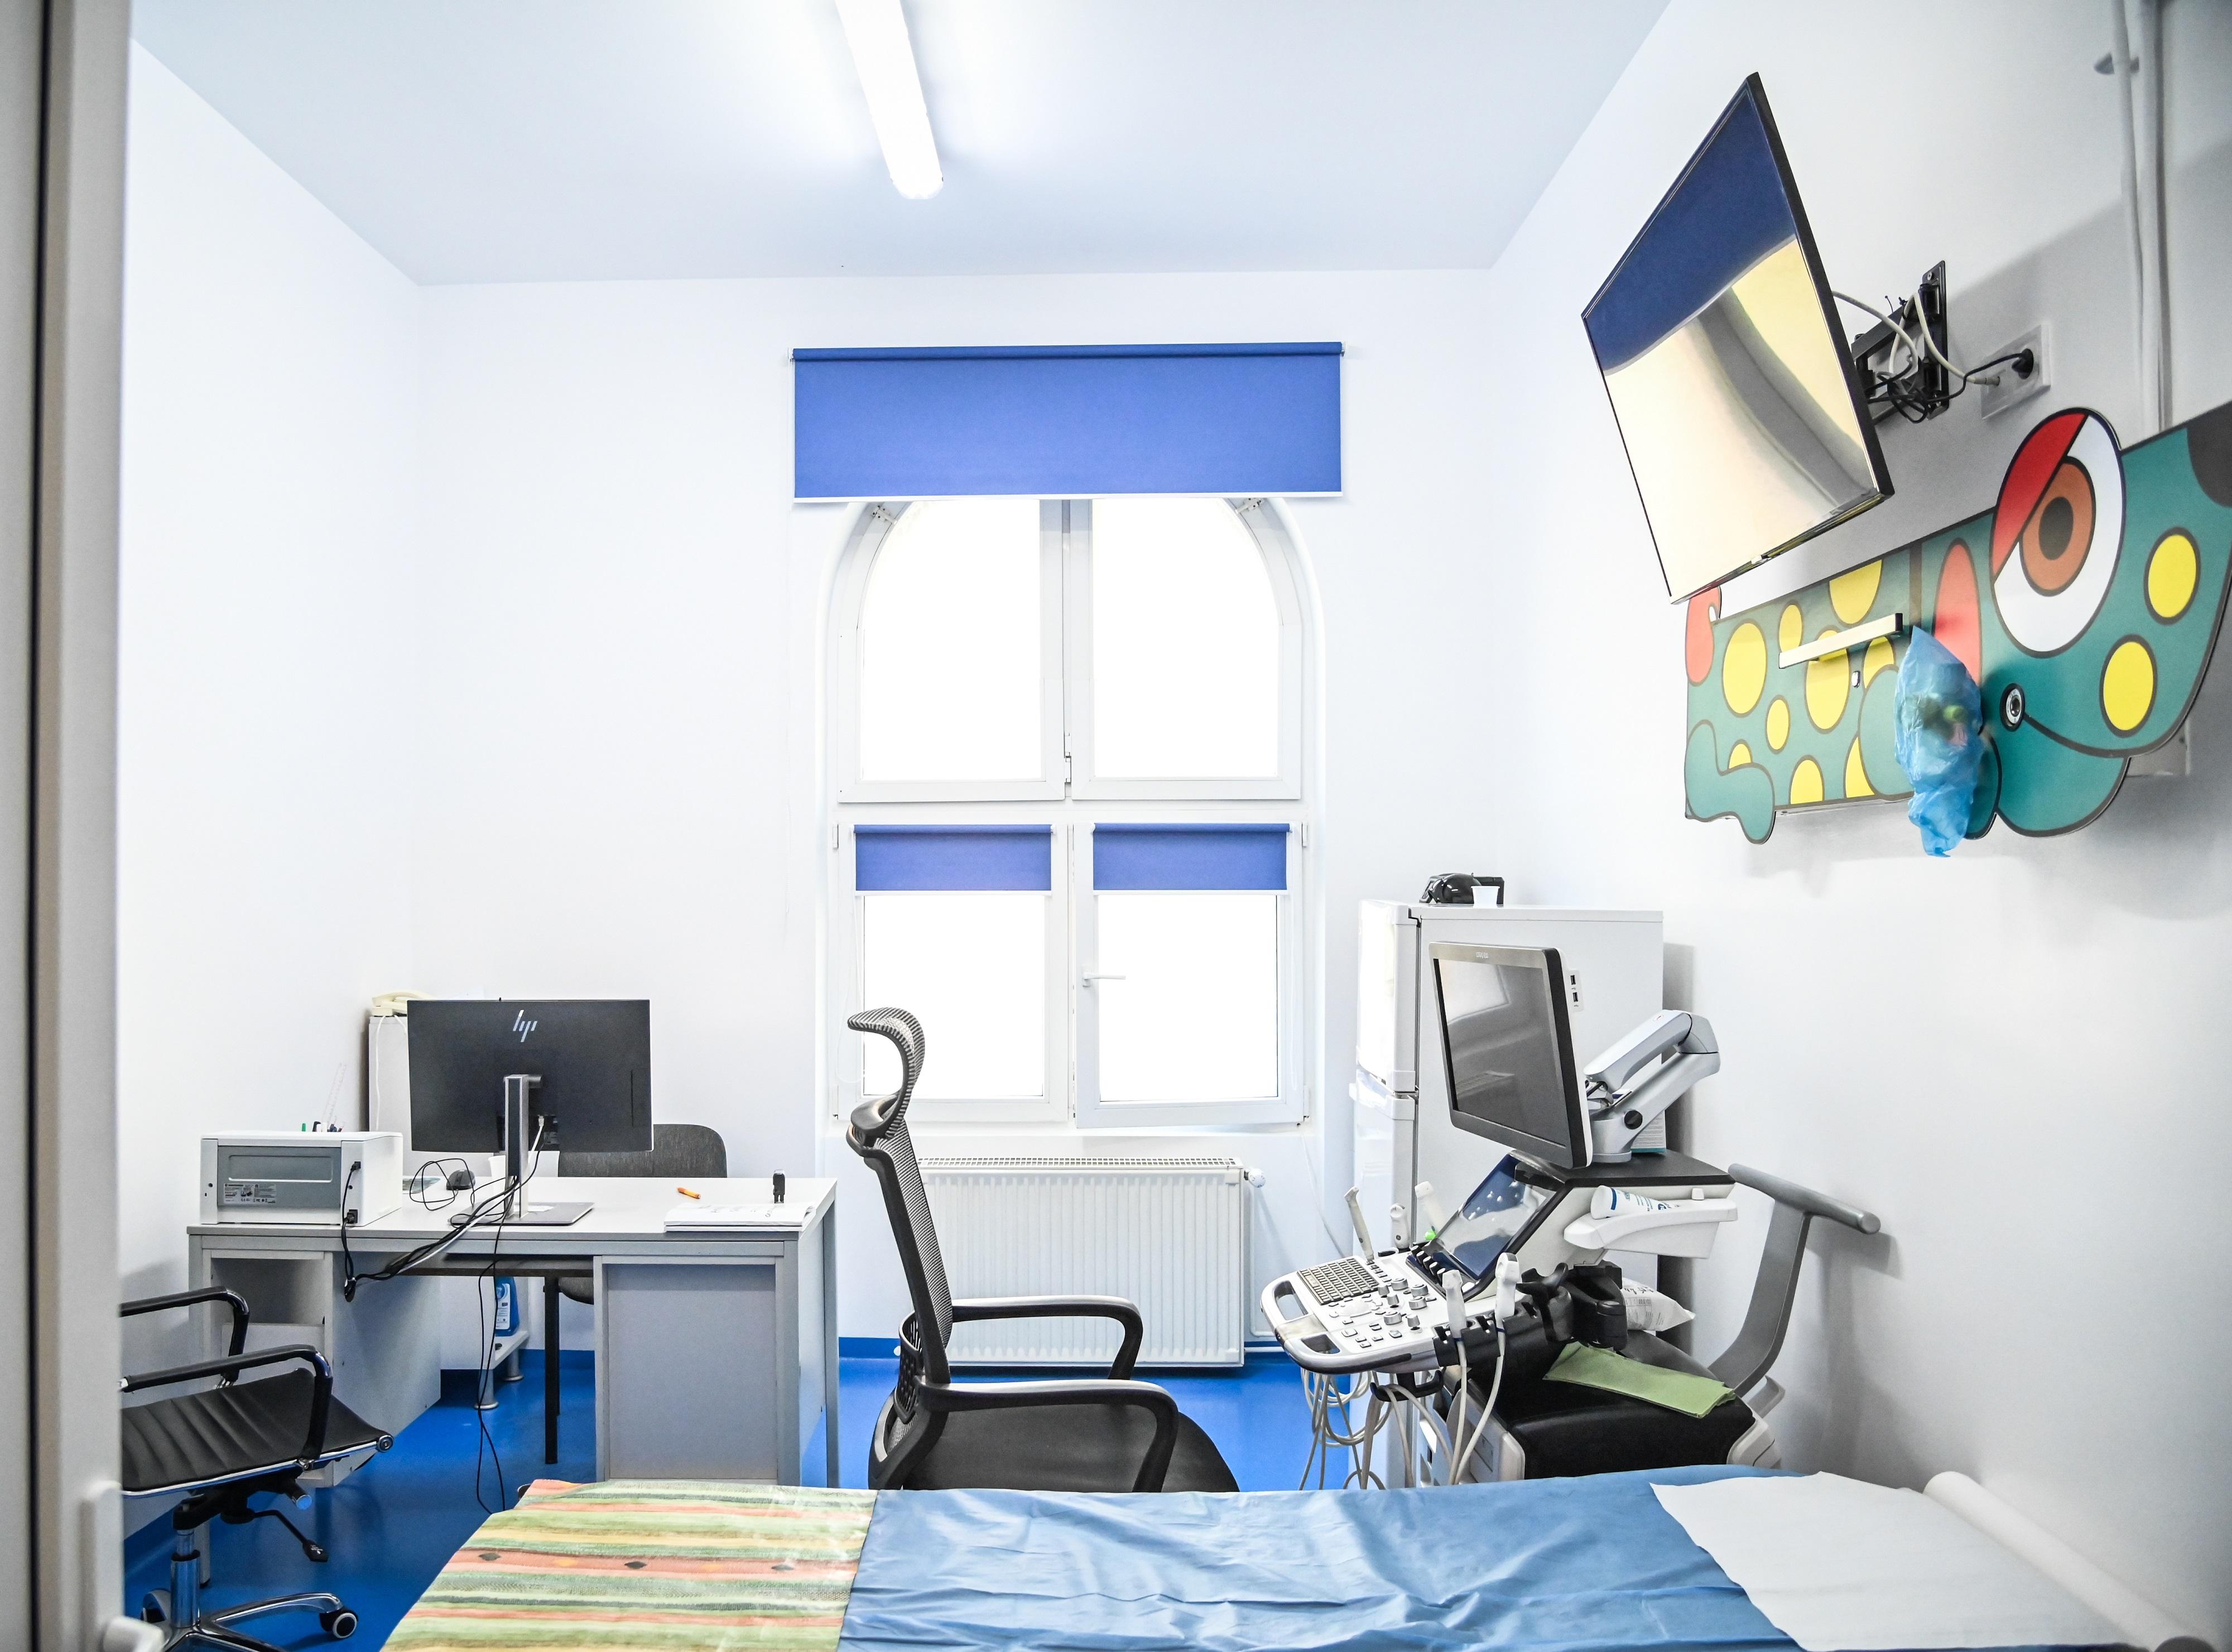 FOTO. Investiții de 11,8 milioane de lei pentru modernizarea și dotarea Spitalului de Pediatrie din Sibiu